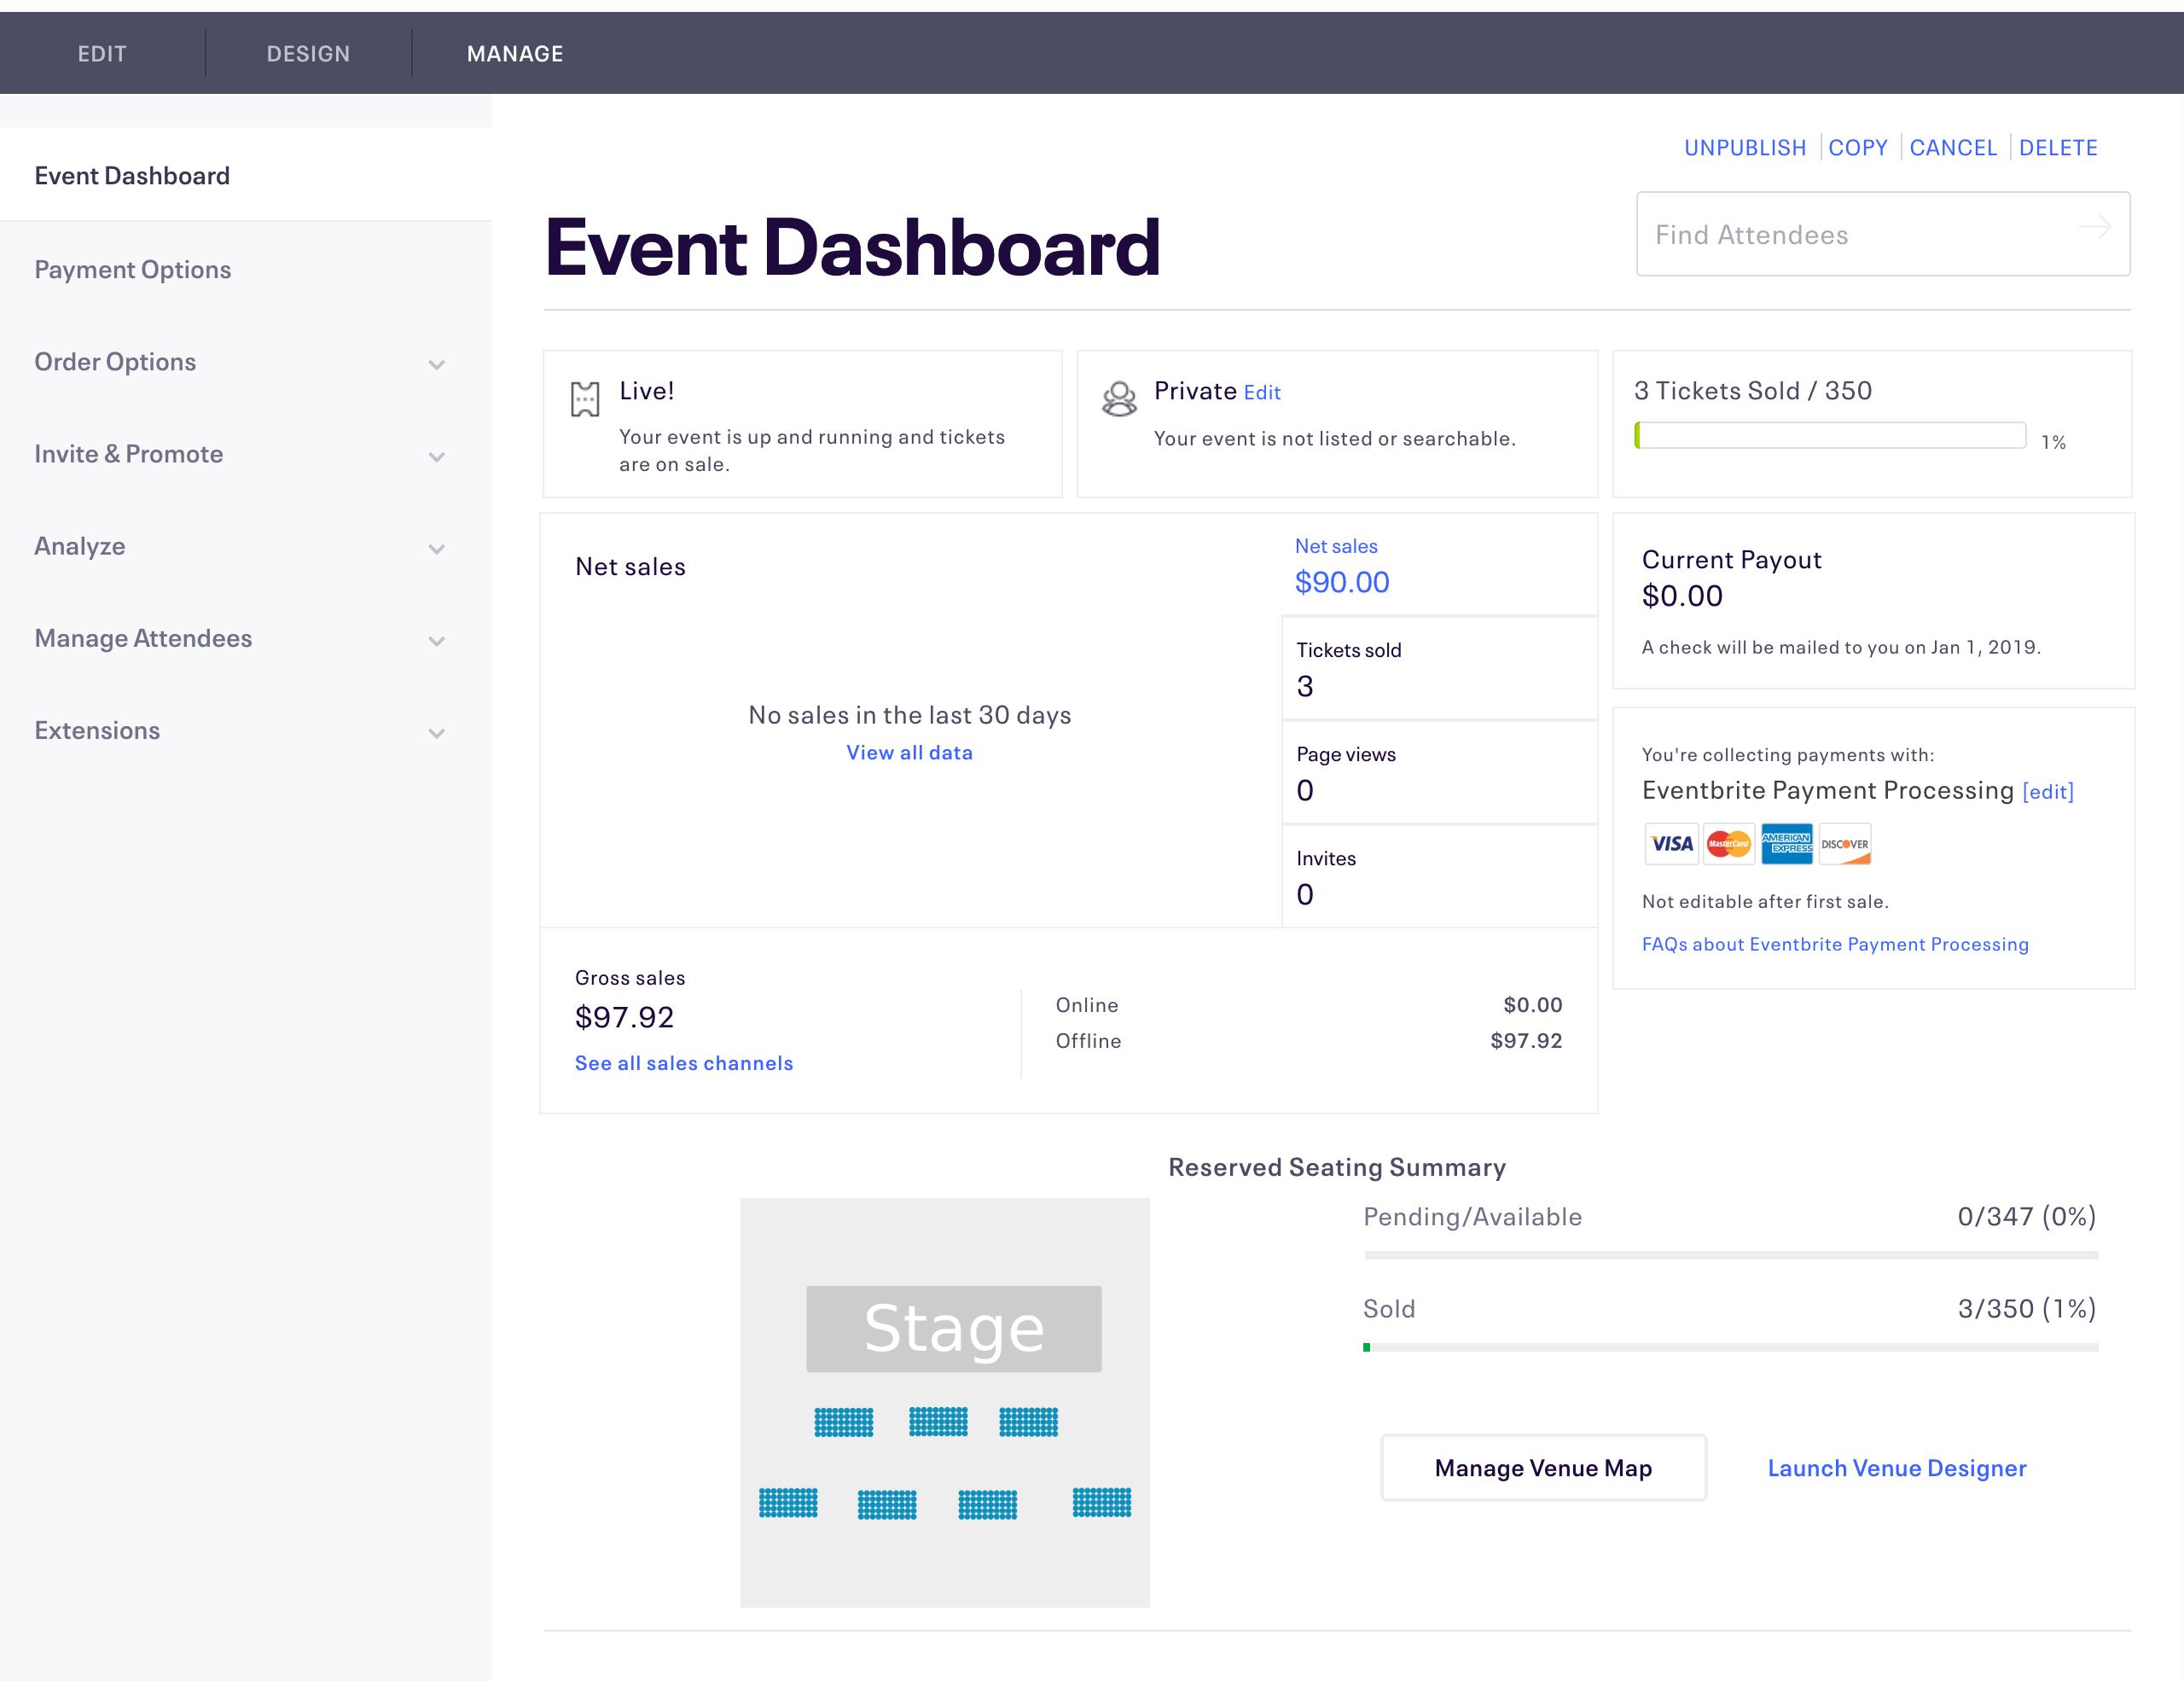 Eventbrite Dashboard Screenshot